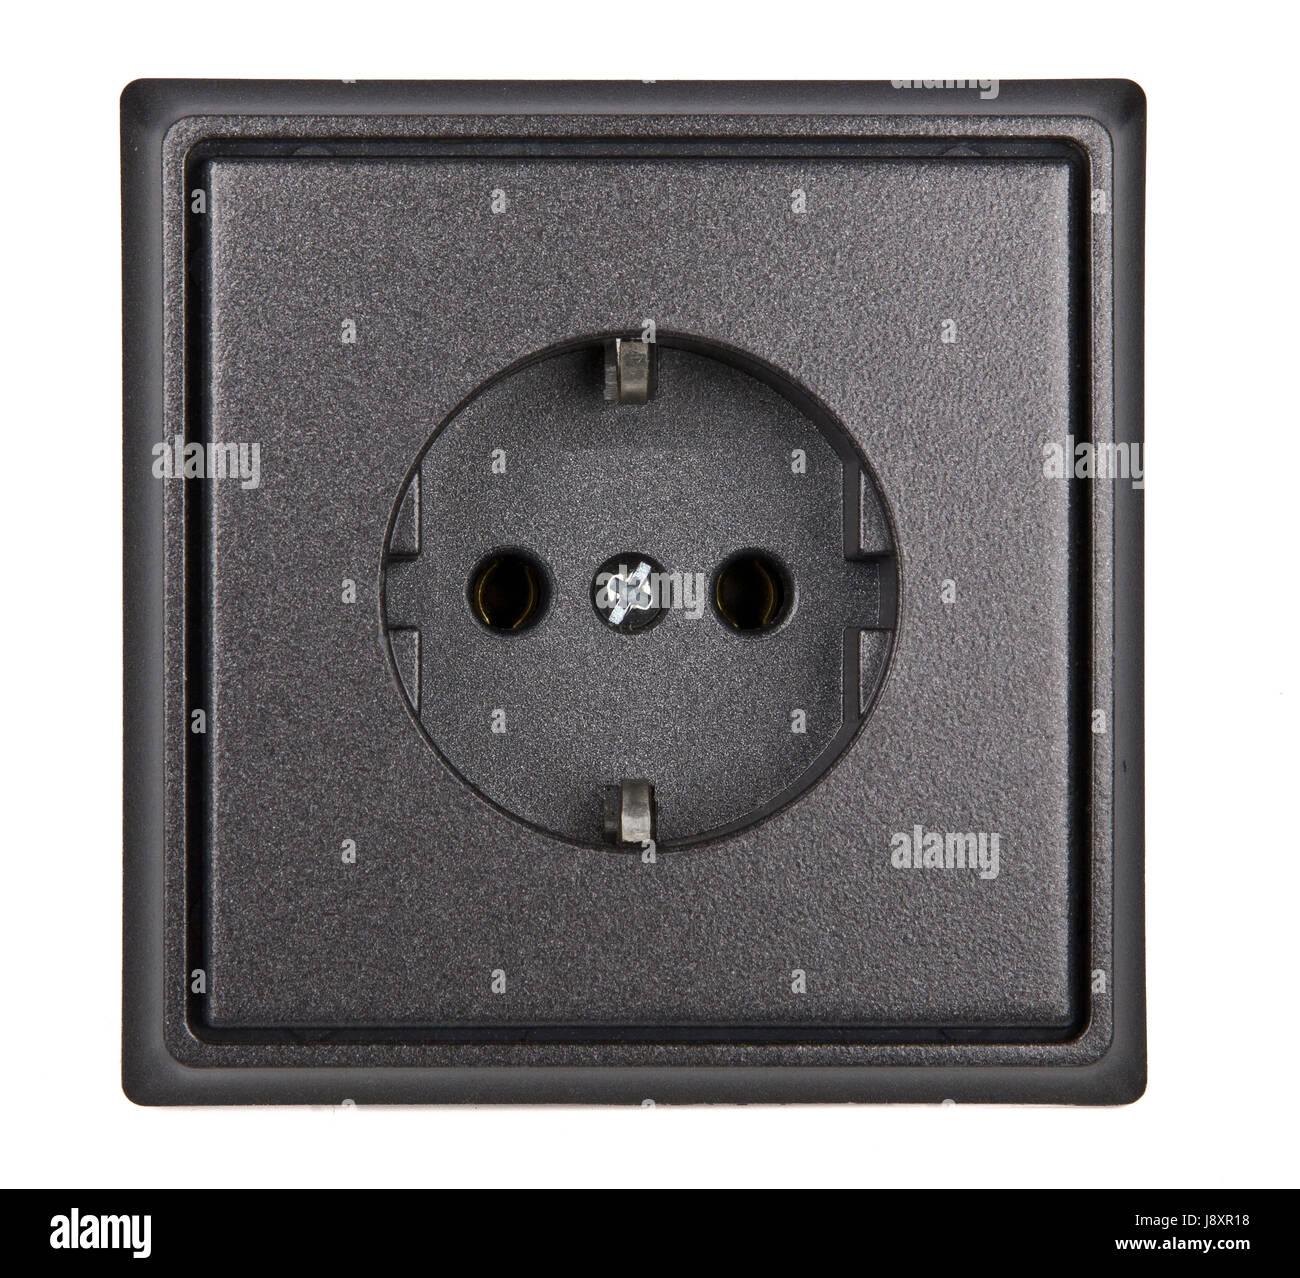 Ungewöhnlich Wandsteckdose Lautsprecherkabel Fotos - Elektrische ...